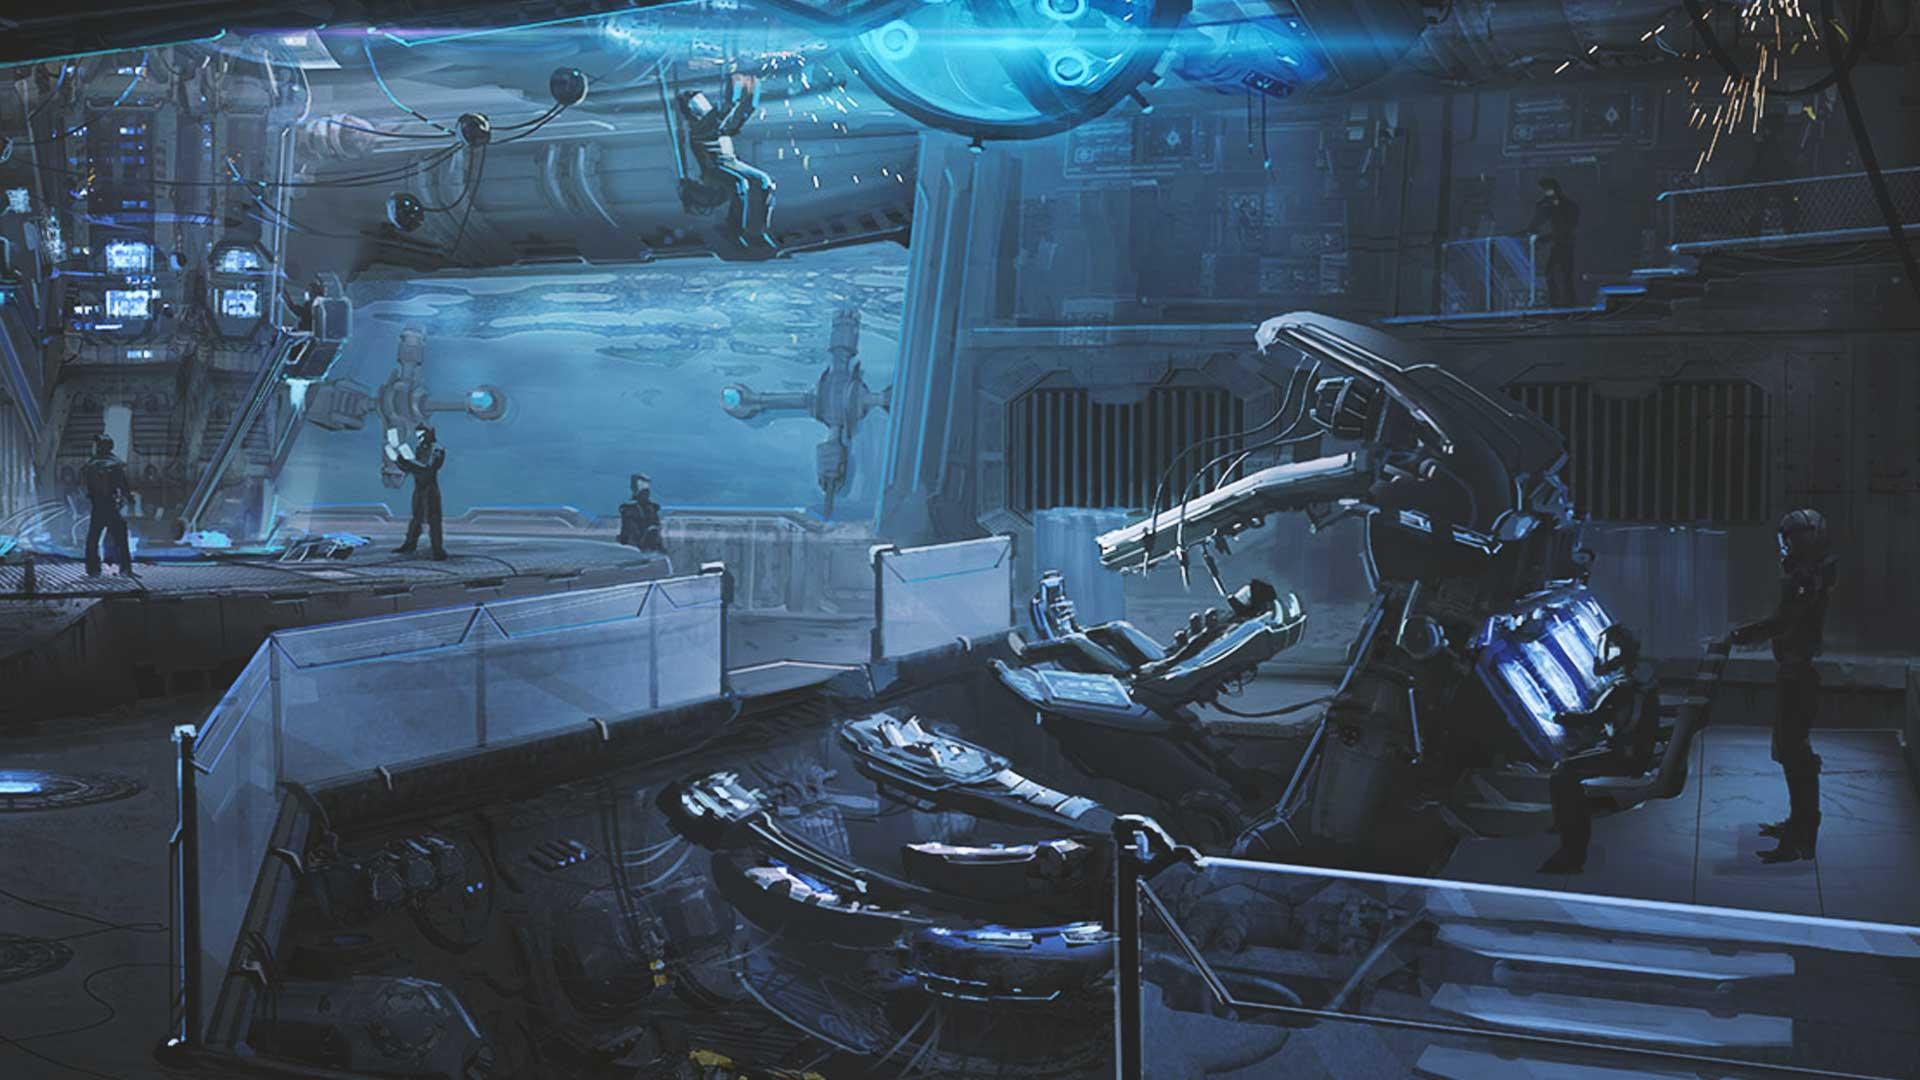 Implantes alienígenas, ¿prueba real de abducciones?